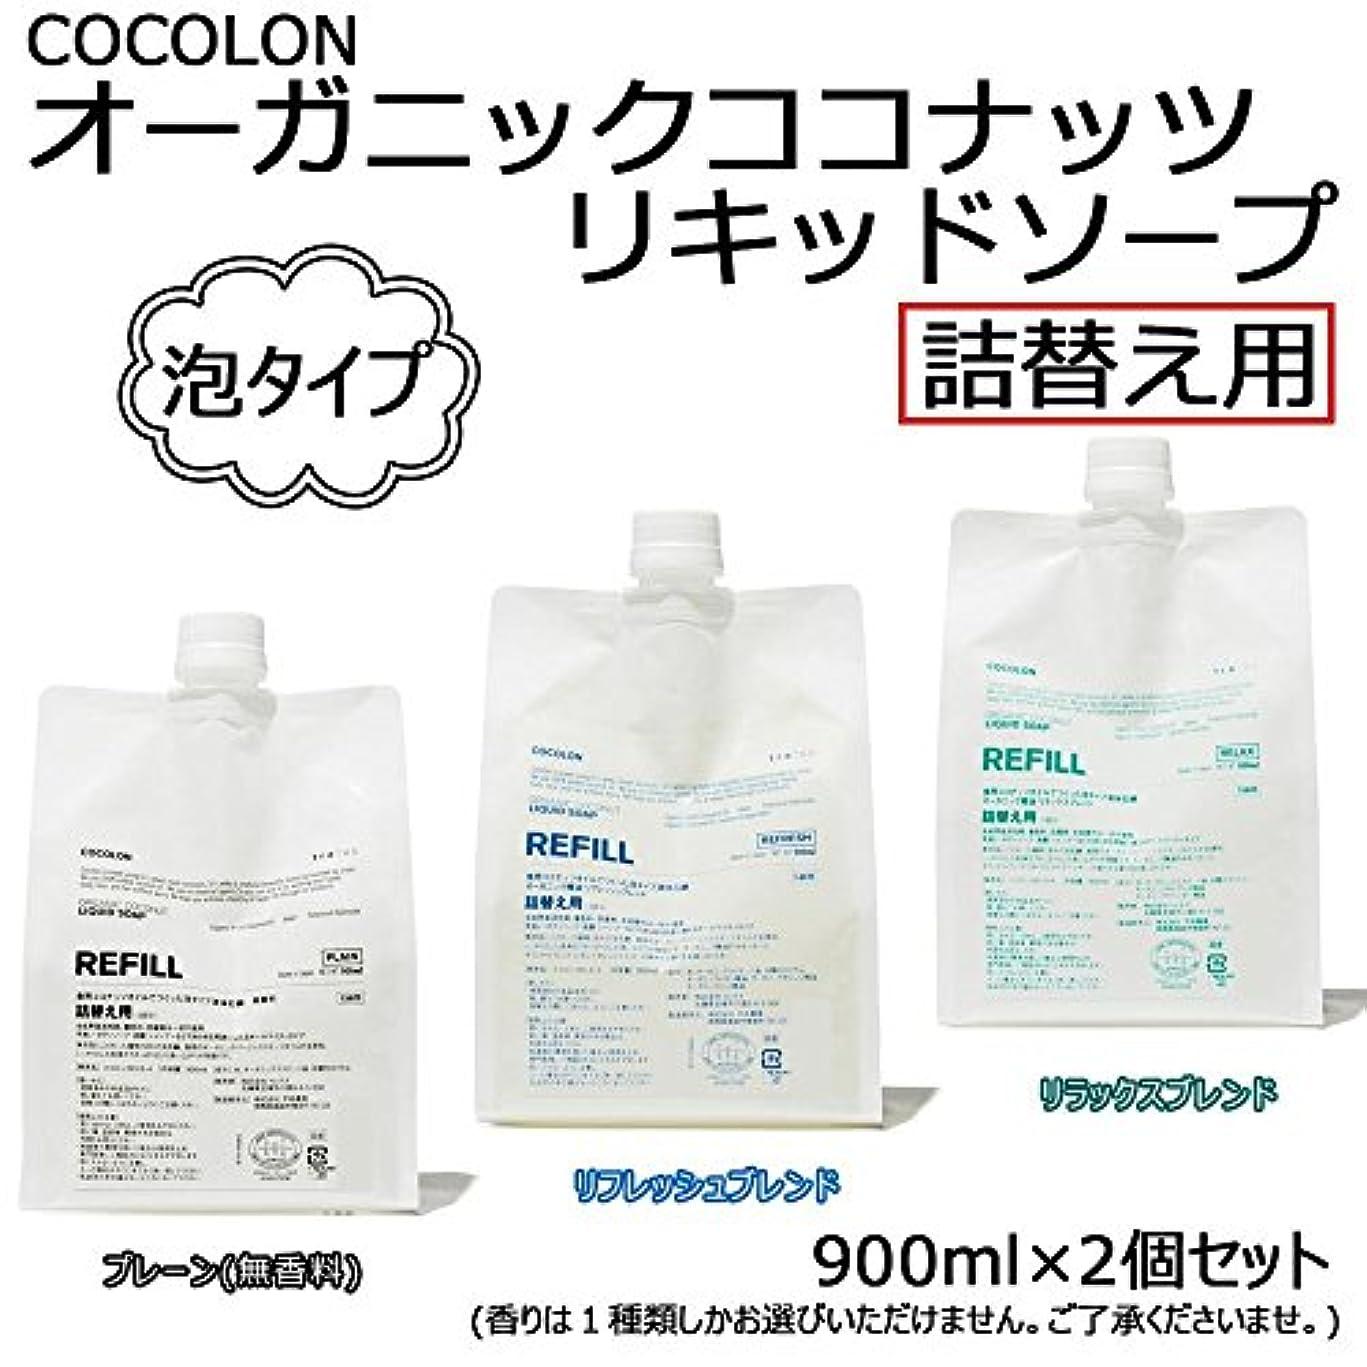 メガロポリスかわいらしいなにCOCOLON ココロン オーガニックココナッツリキッドソープ 泡タイプ 詰替え用 900ml 2個セット【同梱?代引不可】 ■3種類の内「リラックスブレンド」のみです